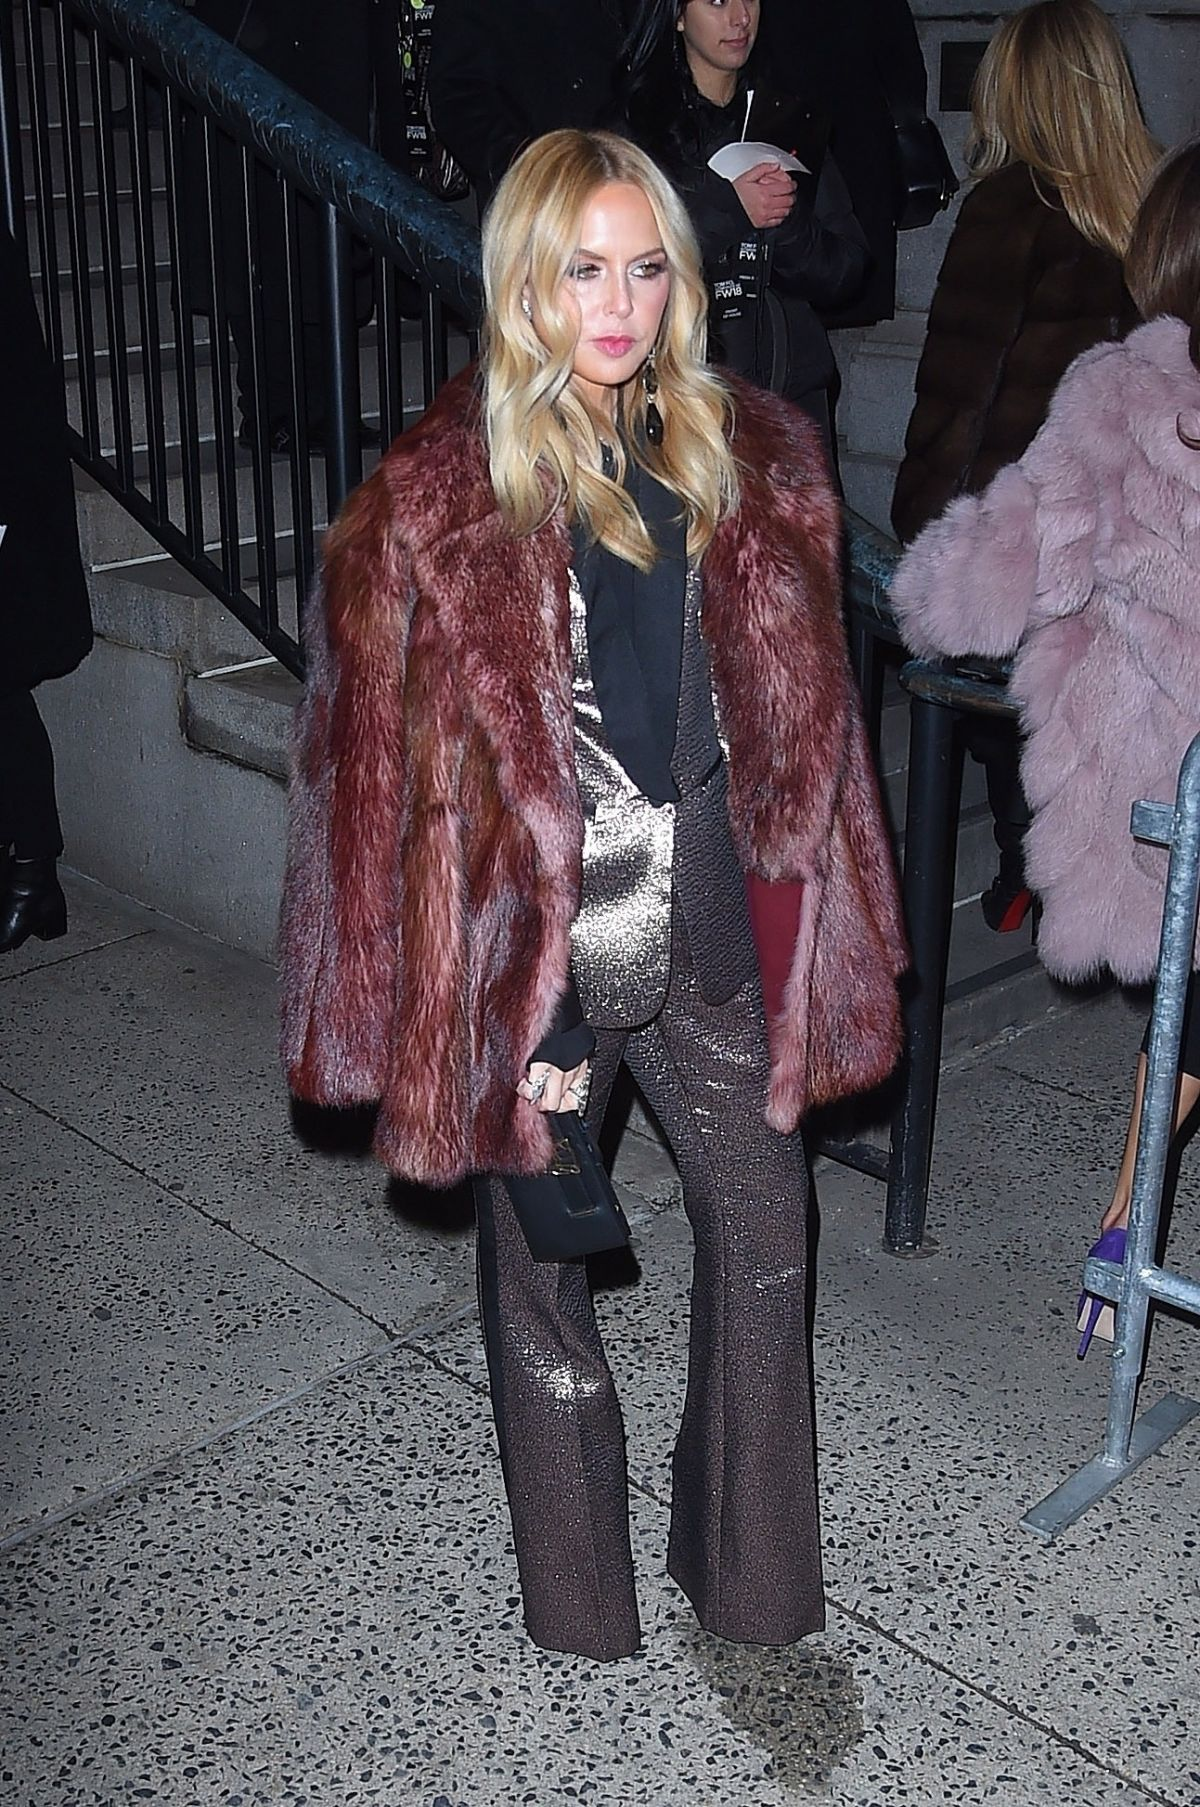 Rachel Zoe's Favorite Looks From New York Fashion Week 41